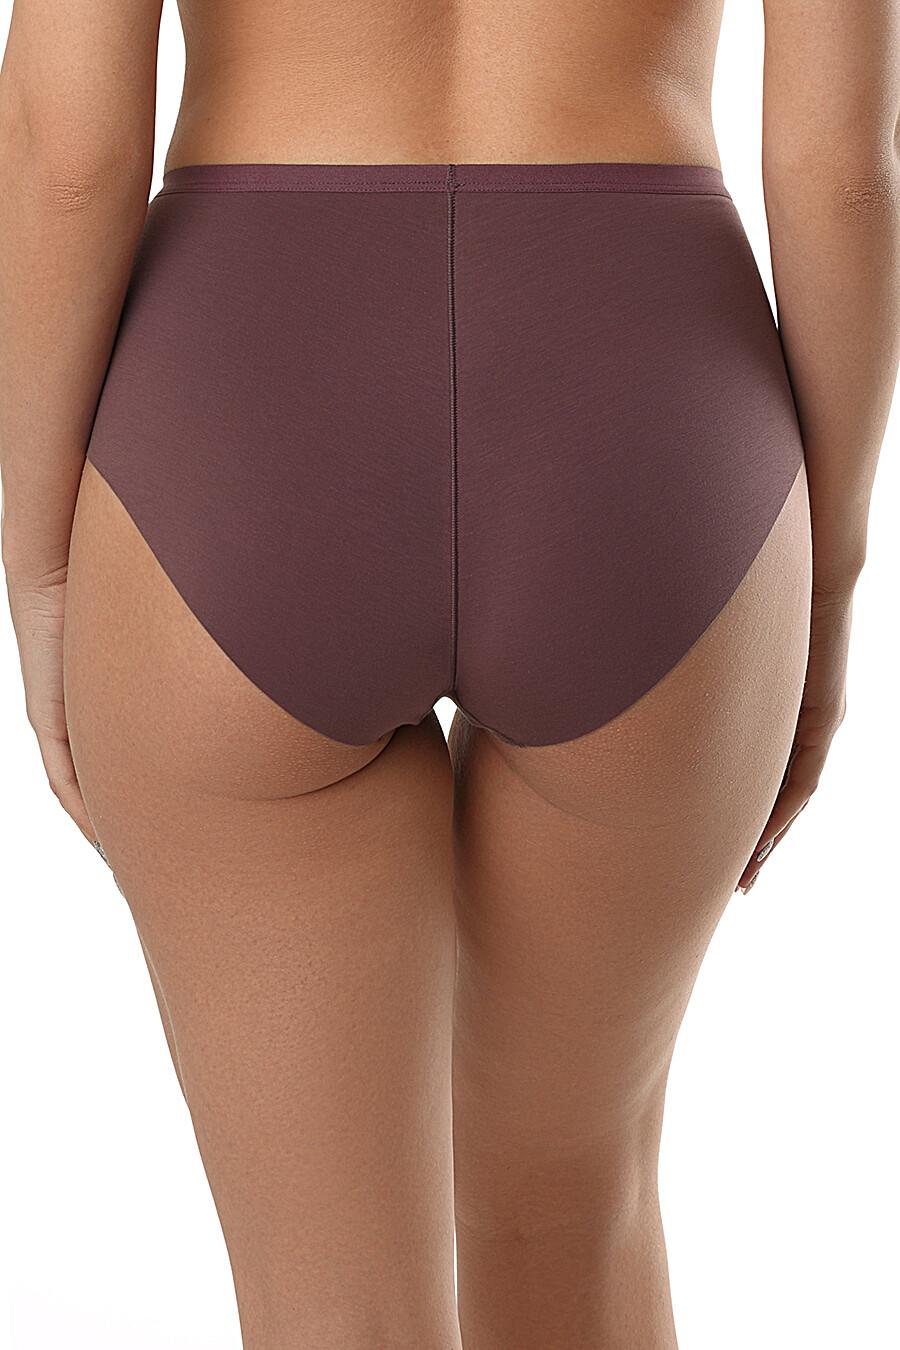 Трусы для женщин CONTE ELEGANT 165468 купить оптом от производителя. Совместная покупка женской одежды в OptMoyo